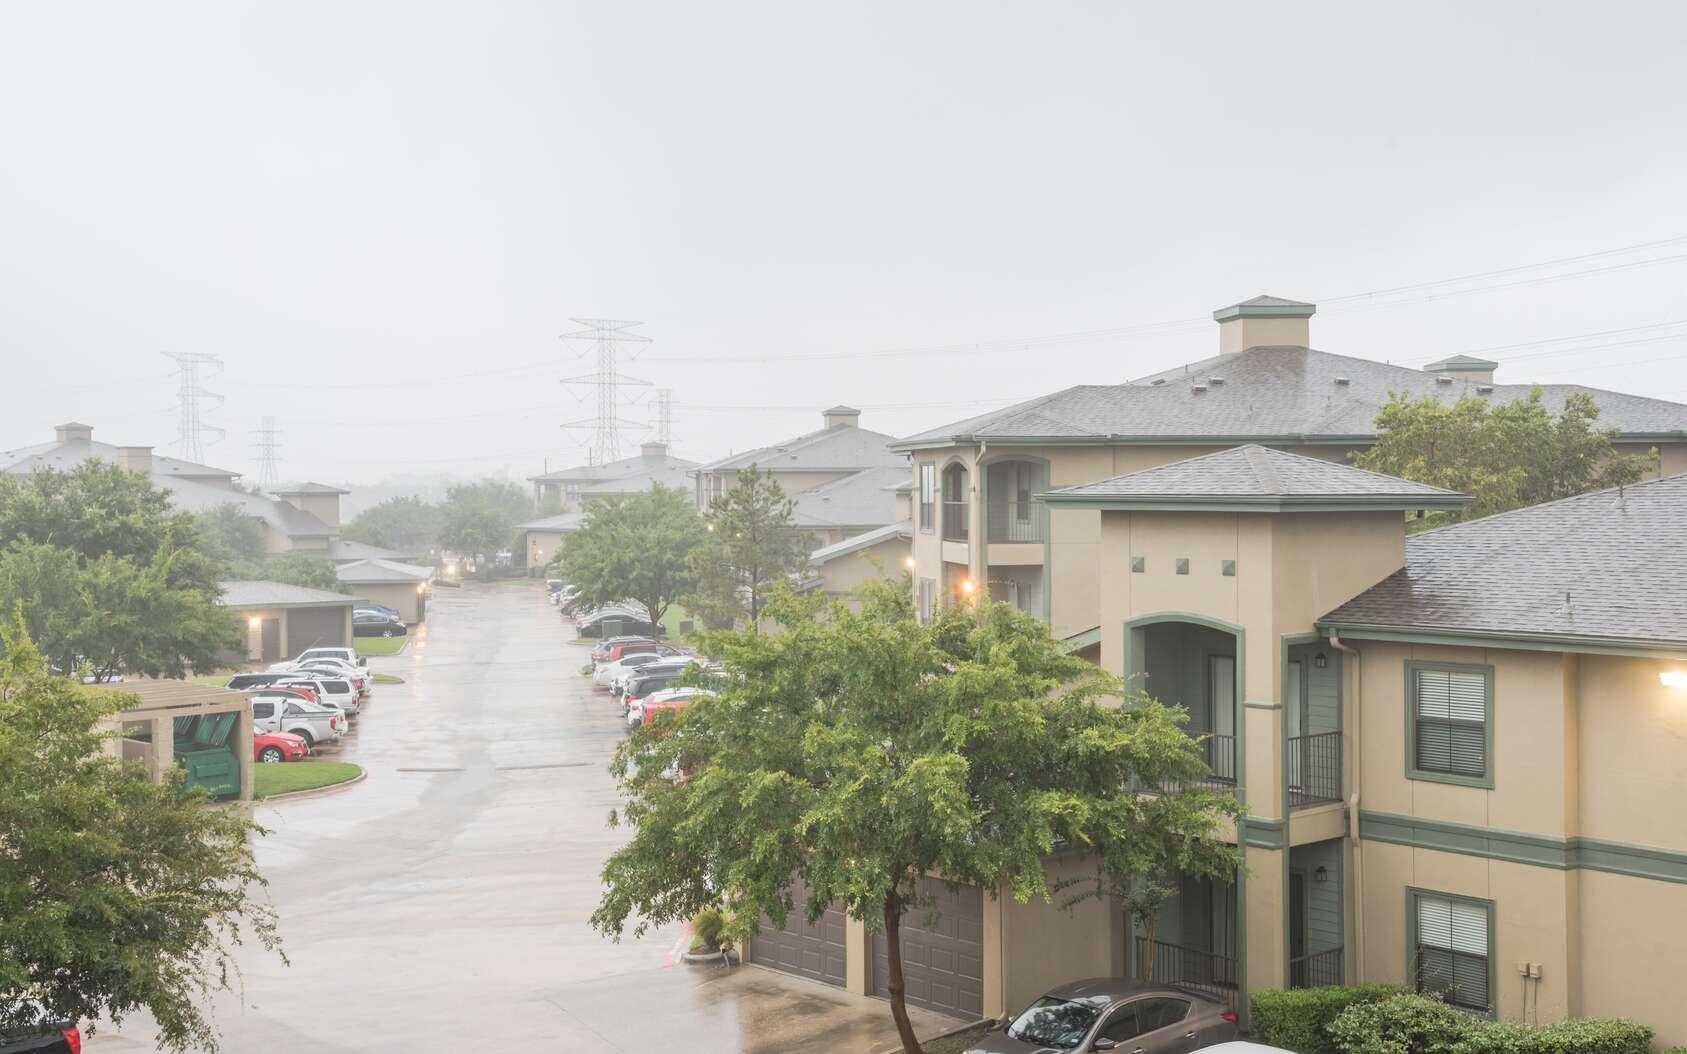 Suite à la tempête Harvey, la région de Houston (Texas) subit d'importantes inondations. Quels sont les risques pour la santé des habitants ? © trongnguyen, Fotolia